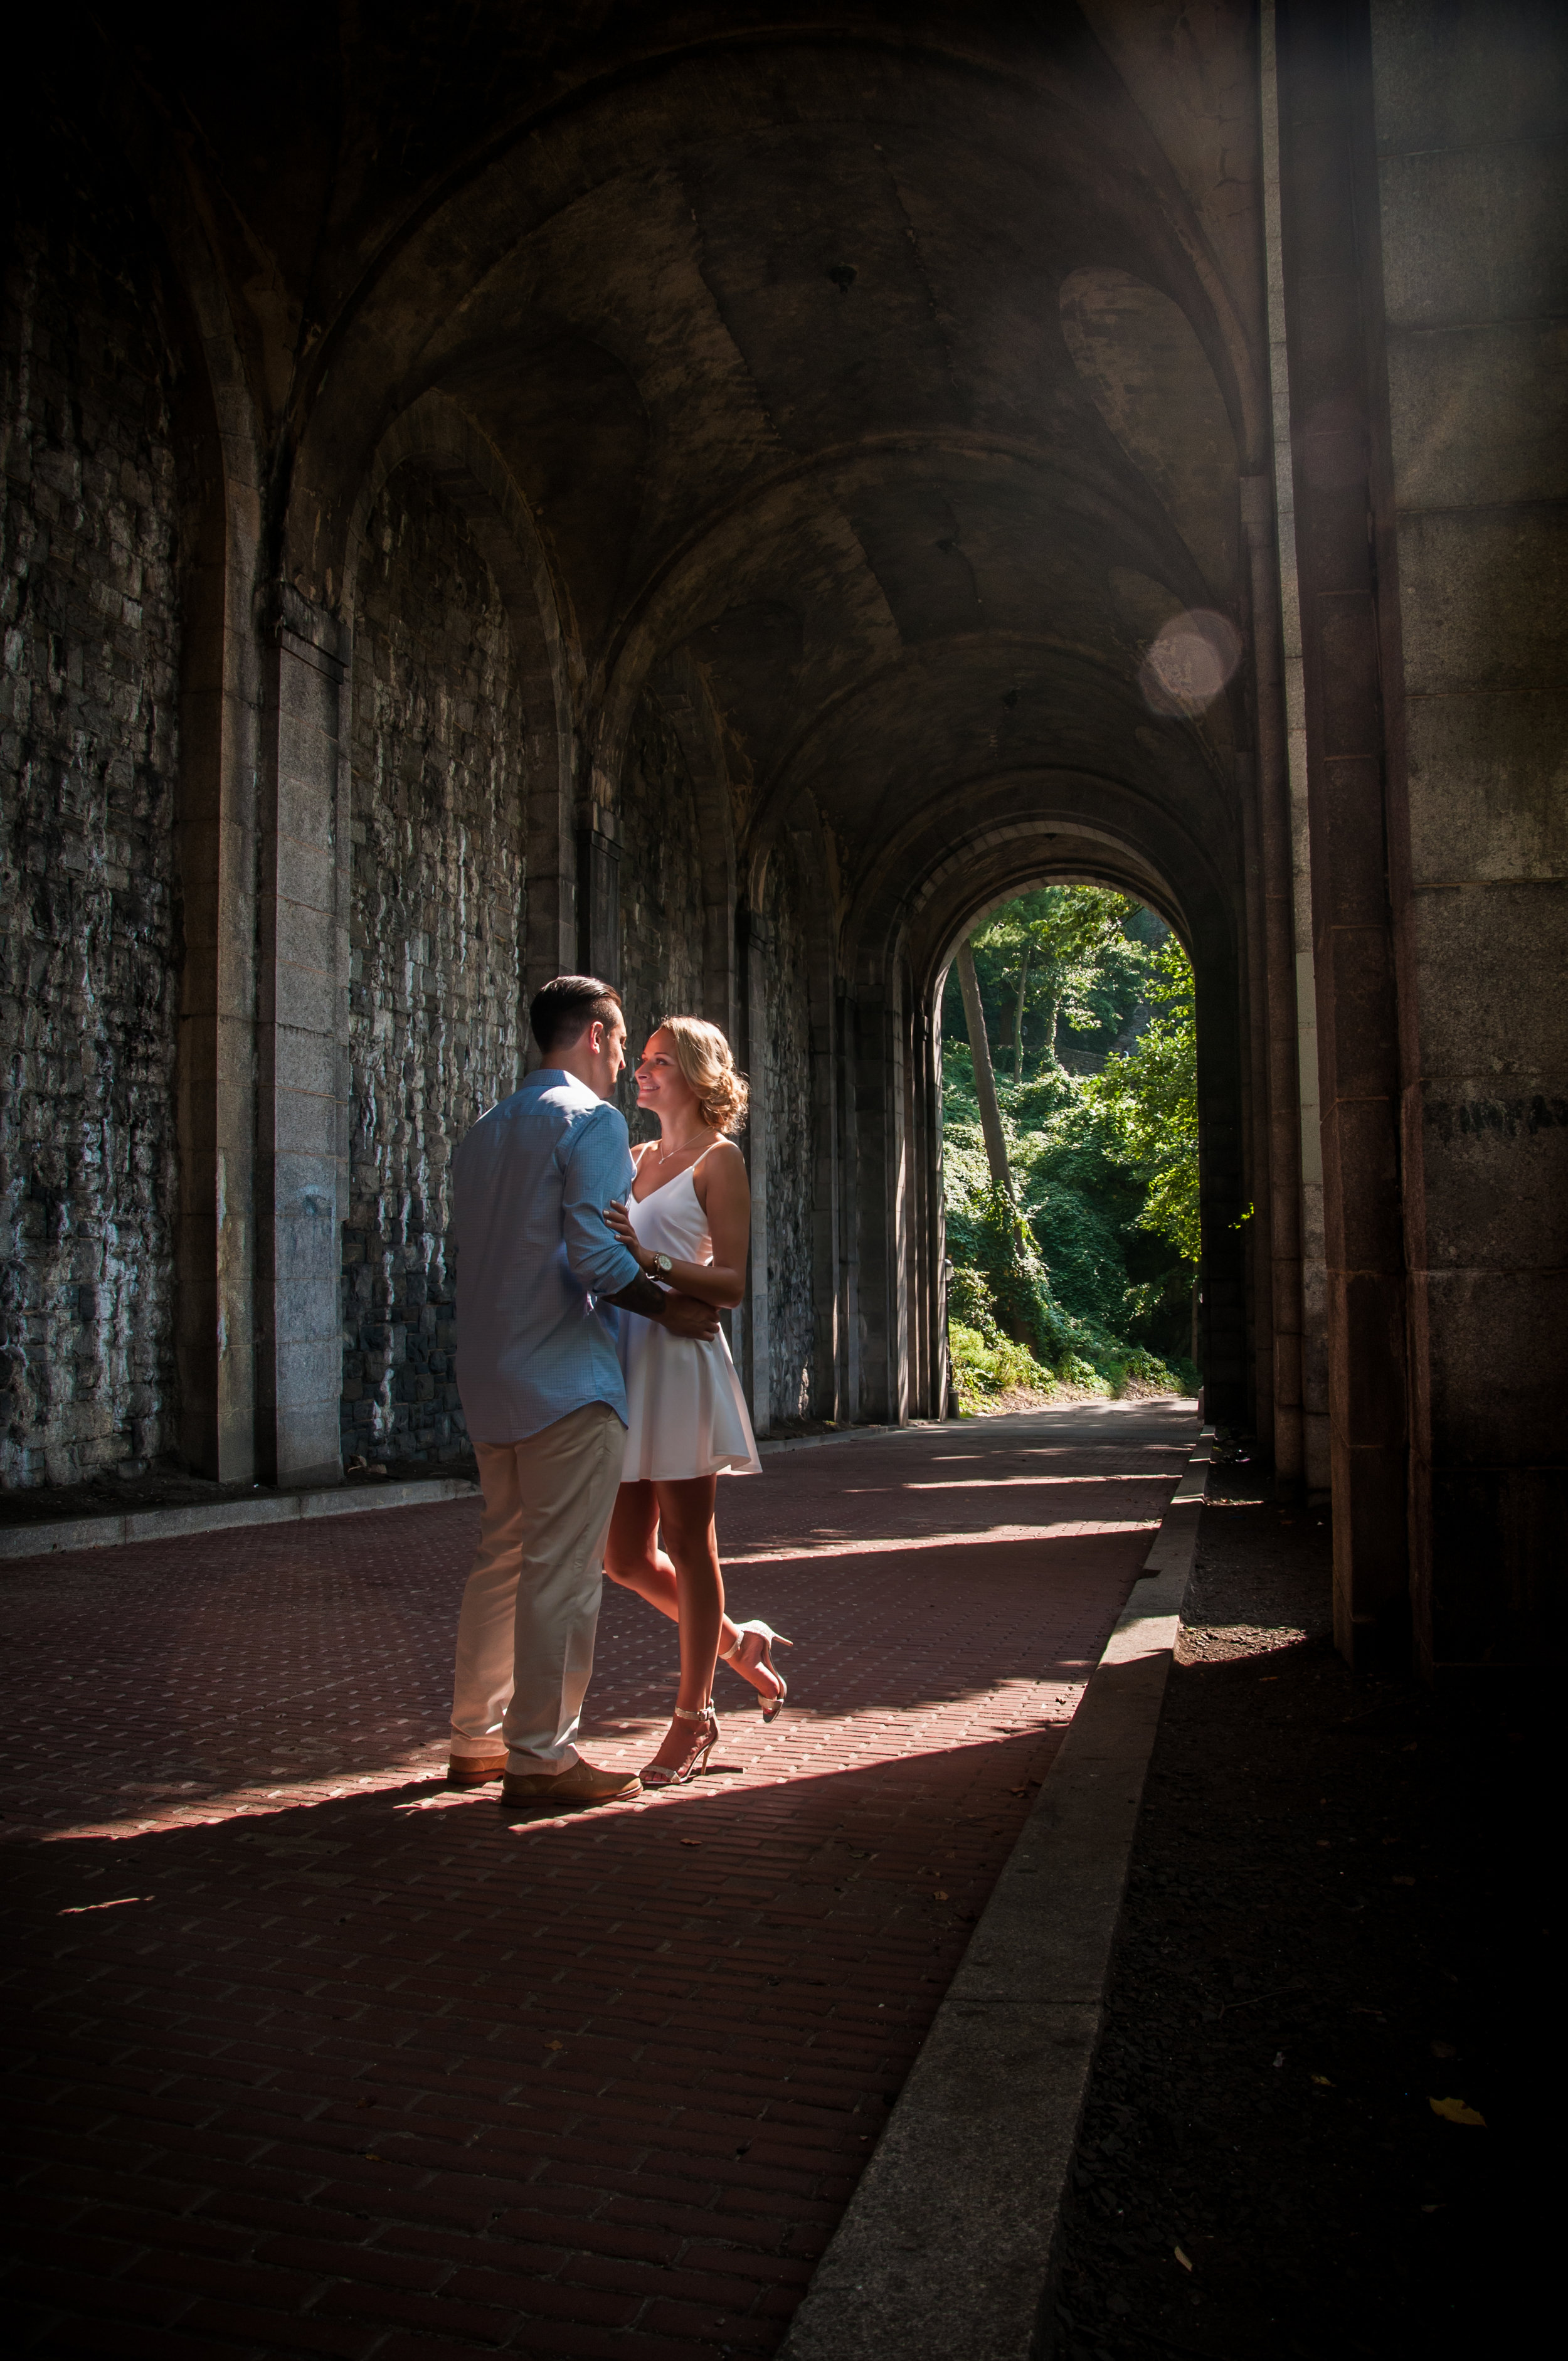 CArrieWestonStudios_NY_Portrait_Wedding_Photography_Northport_JoeandSarah-26.jpg